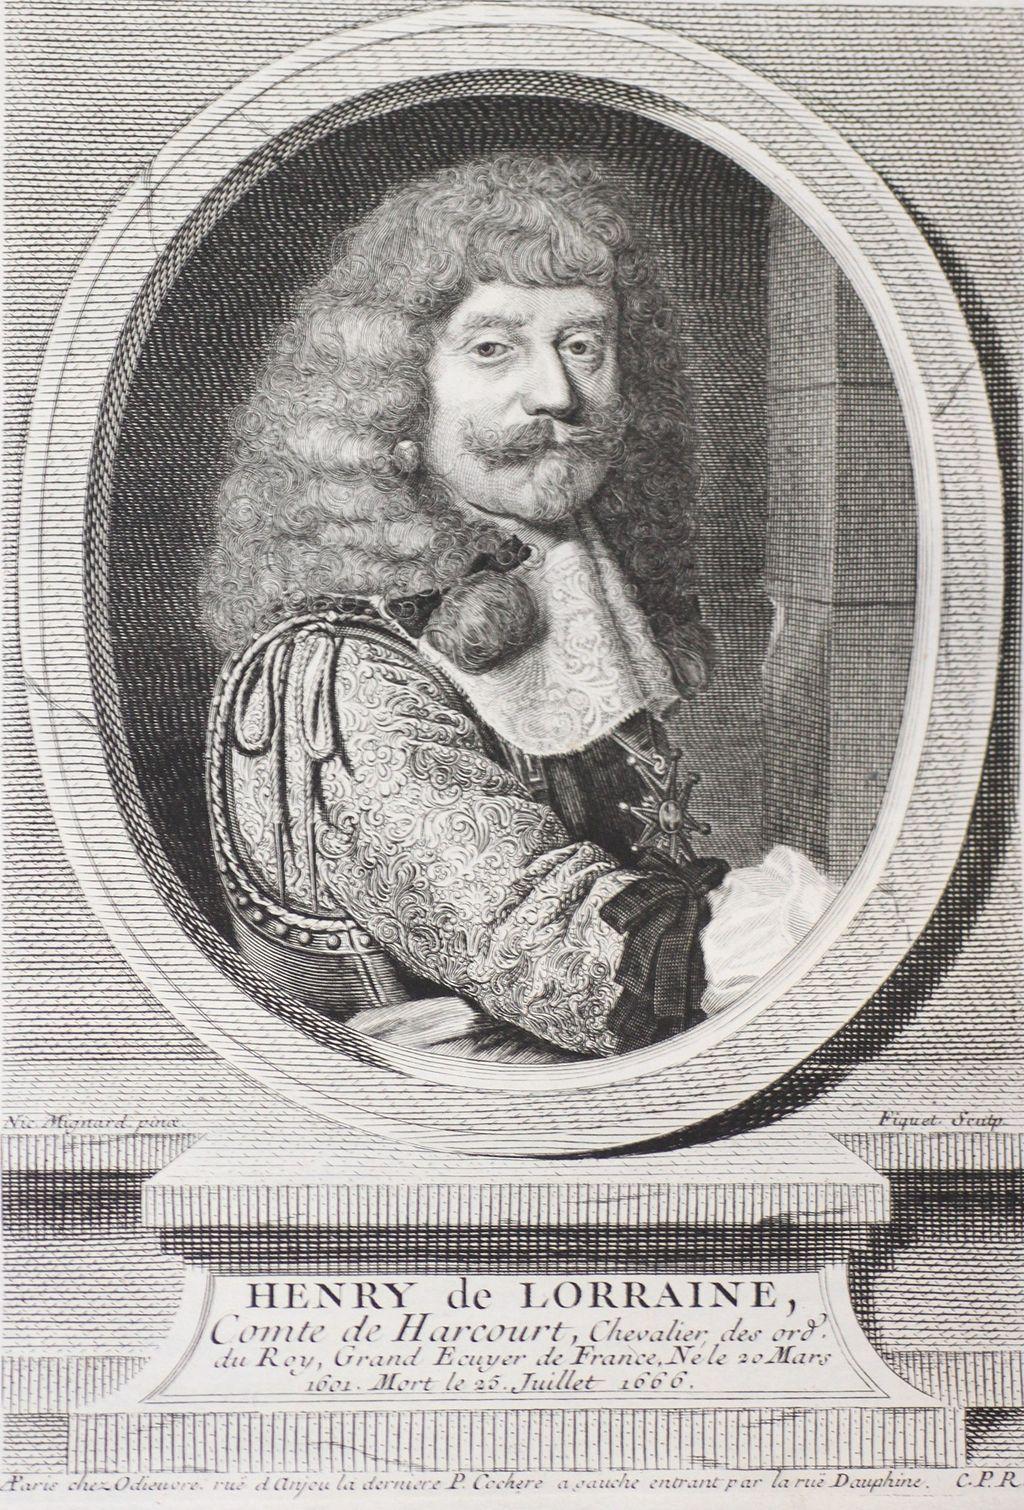 Série de portraits chez Odieuvre, impression 1744